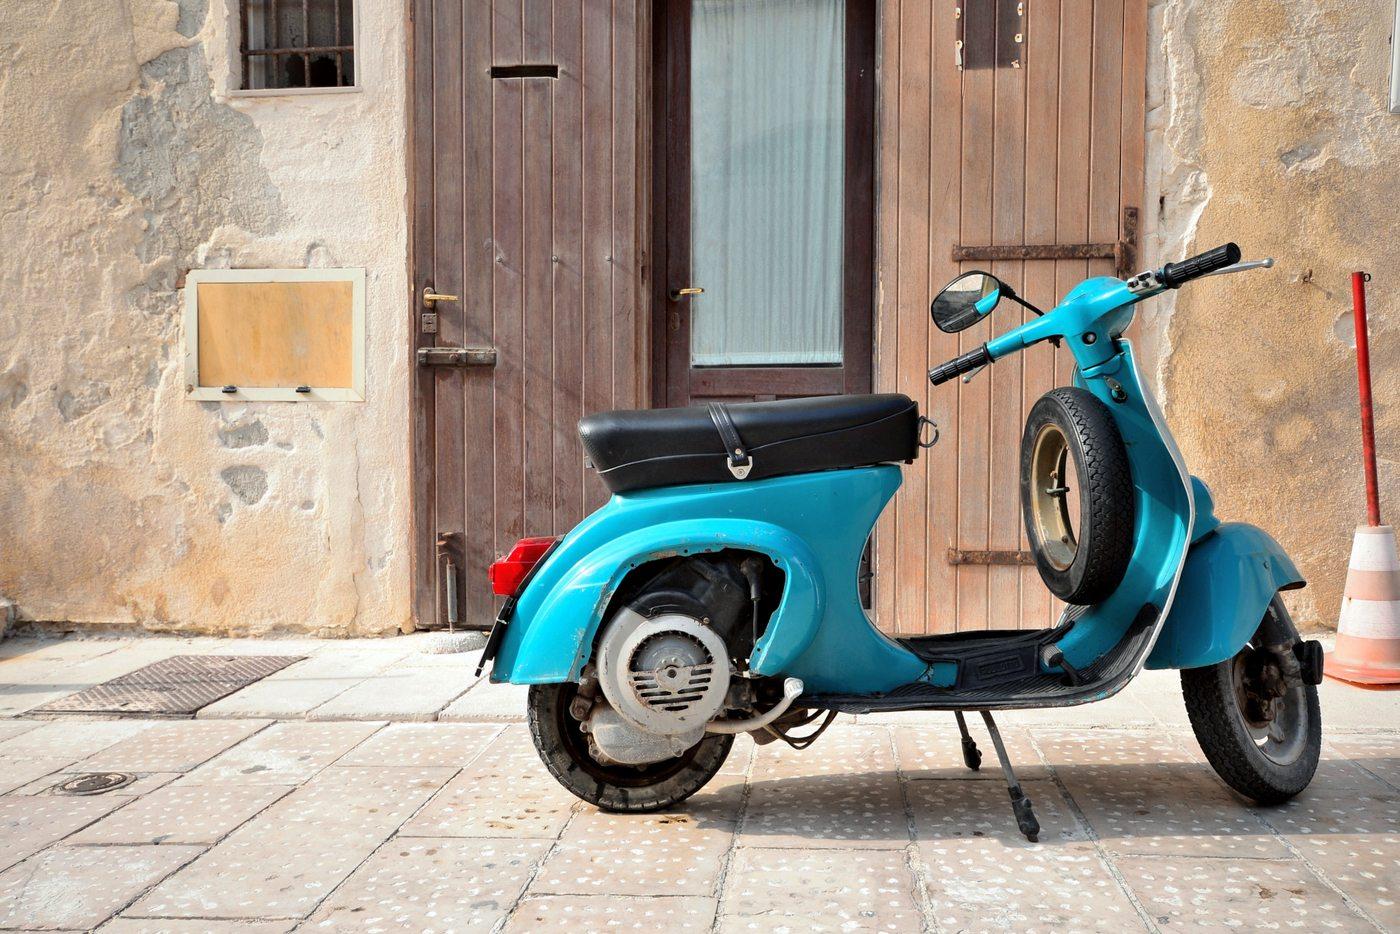 Photo Tour of Italy 26